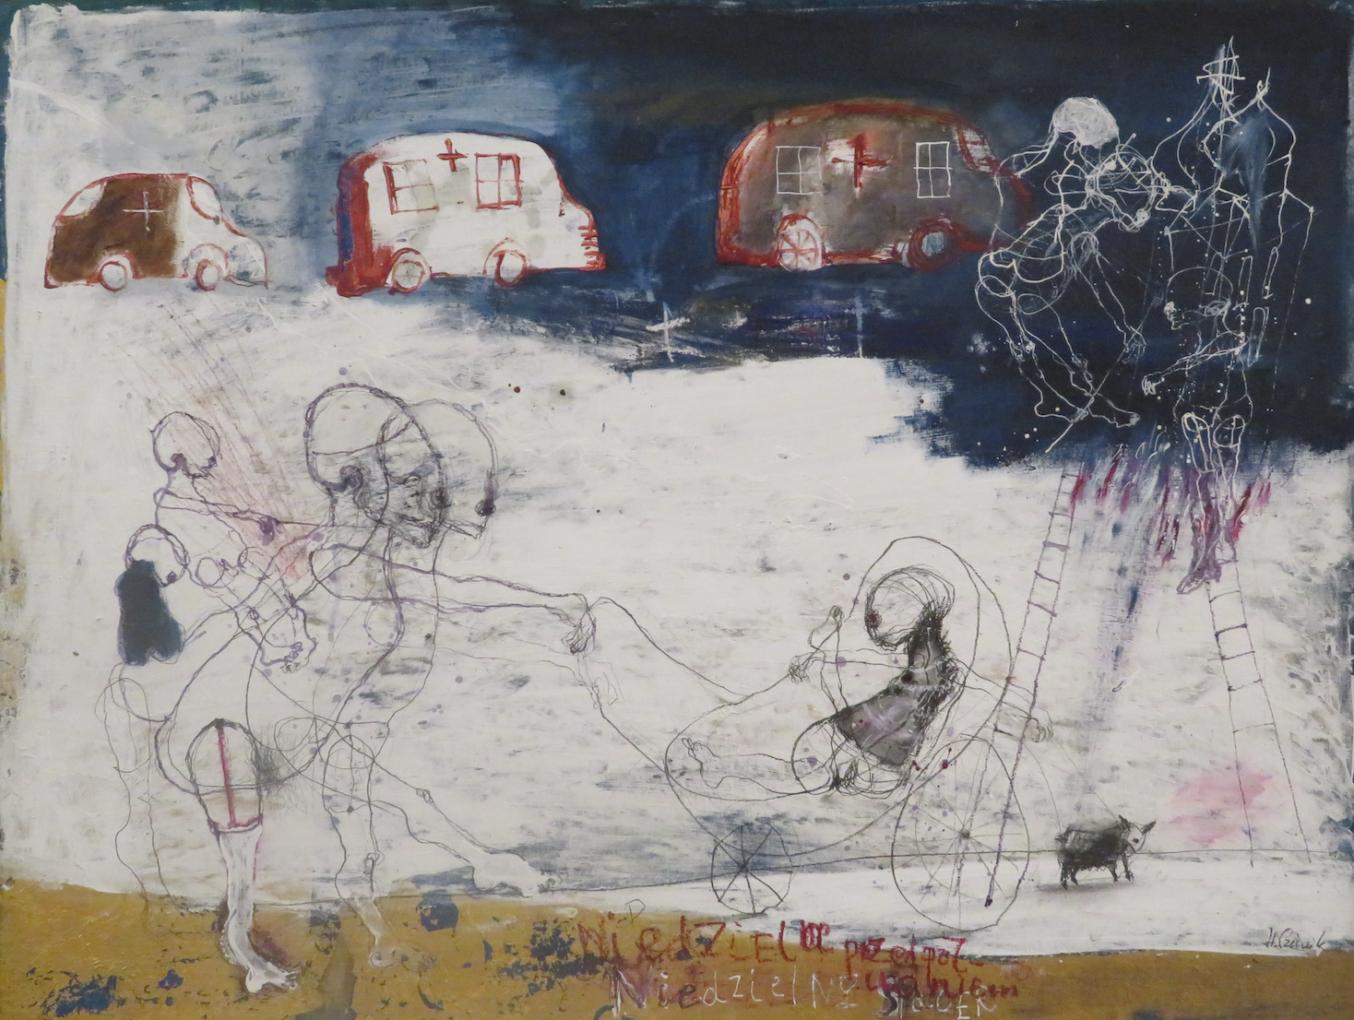 Henryk Cześnik, Niedzielny spacer, 2003, technika własna, 125 x 98 cm, Zamek Książąt Pomorskich, Szczecin 2020, kolekcja Państwowej Galerii Sztuki w Sopocie